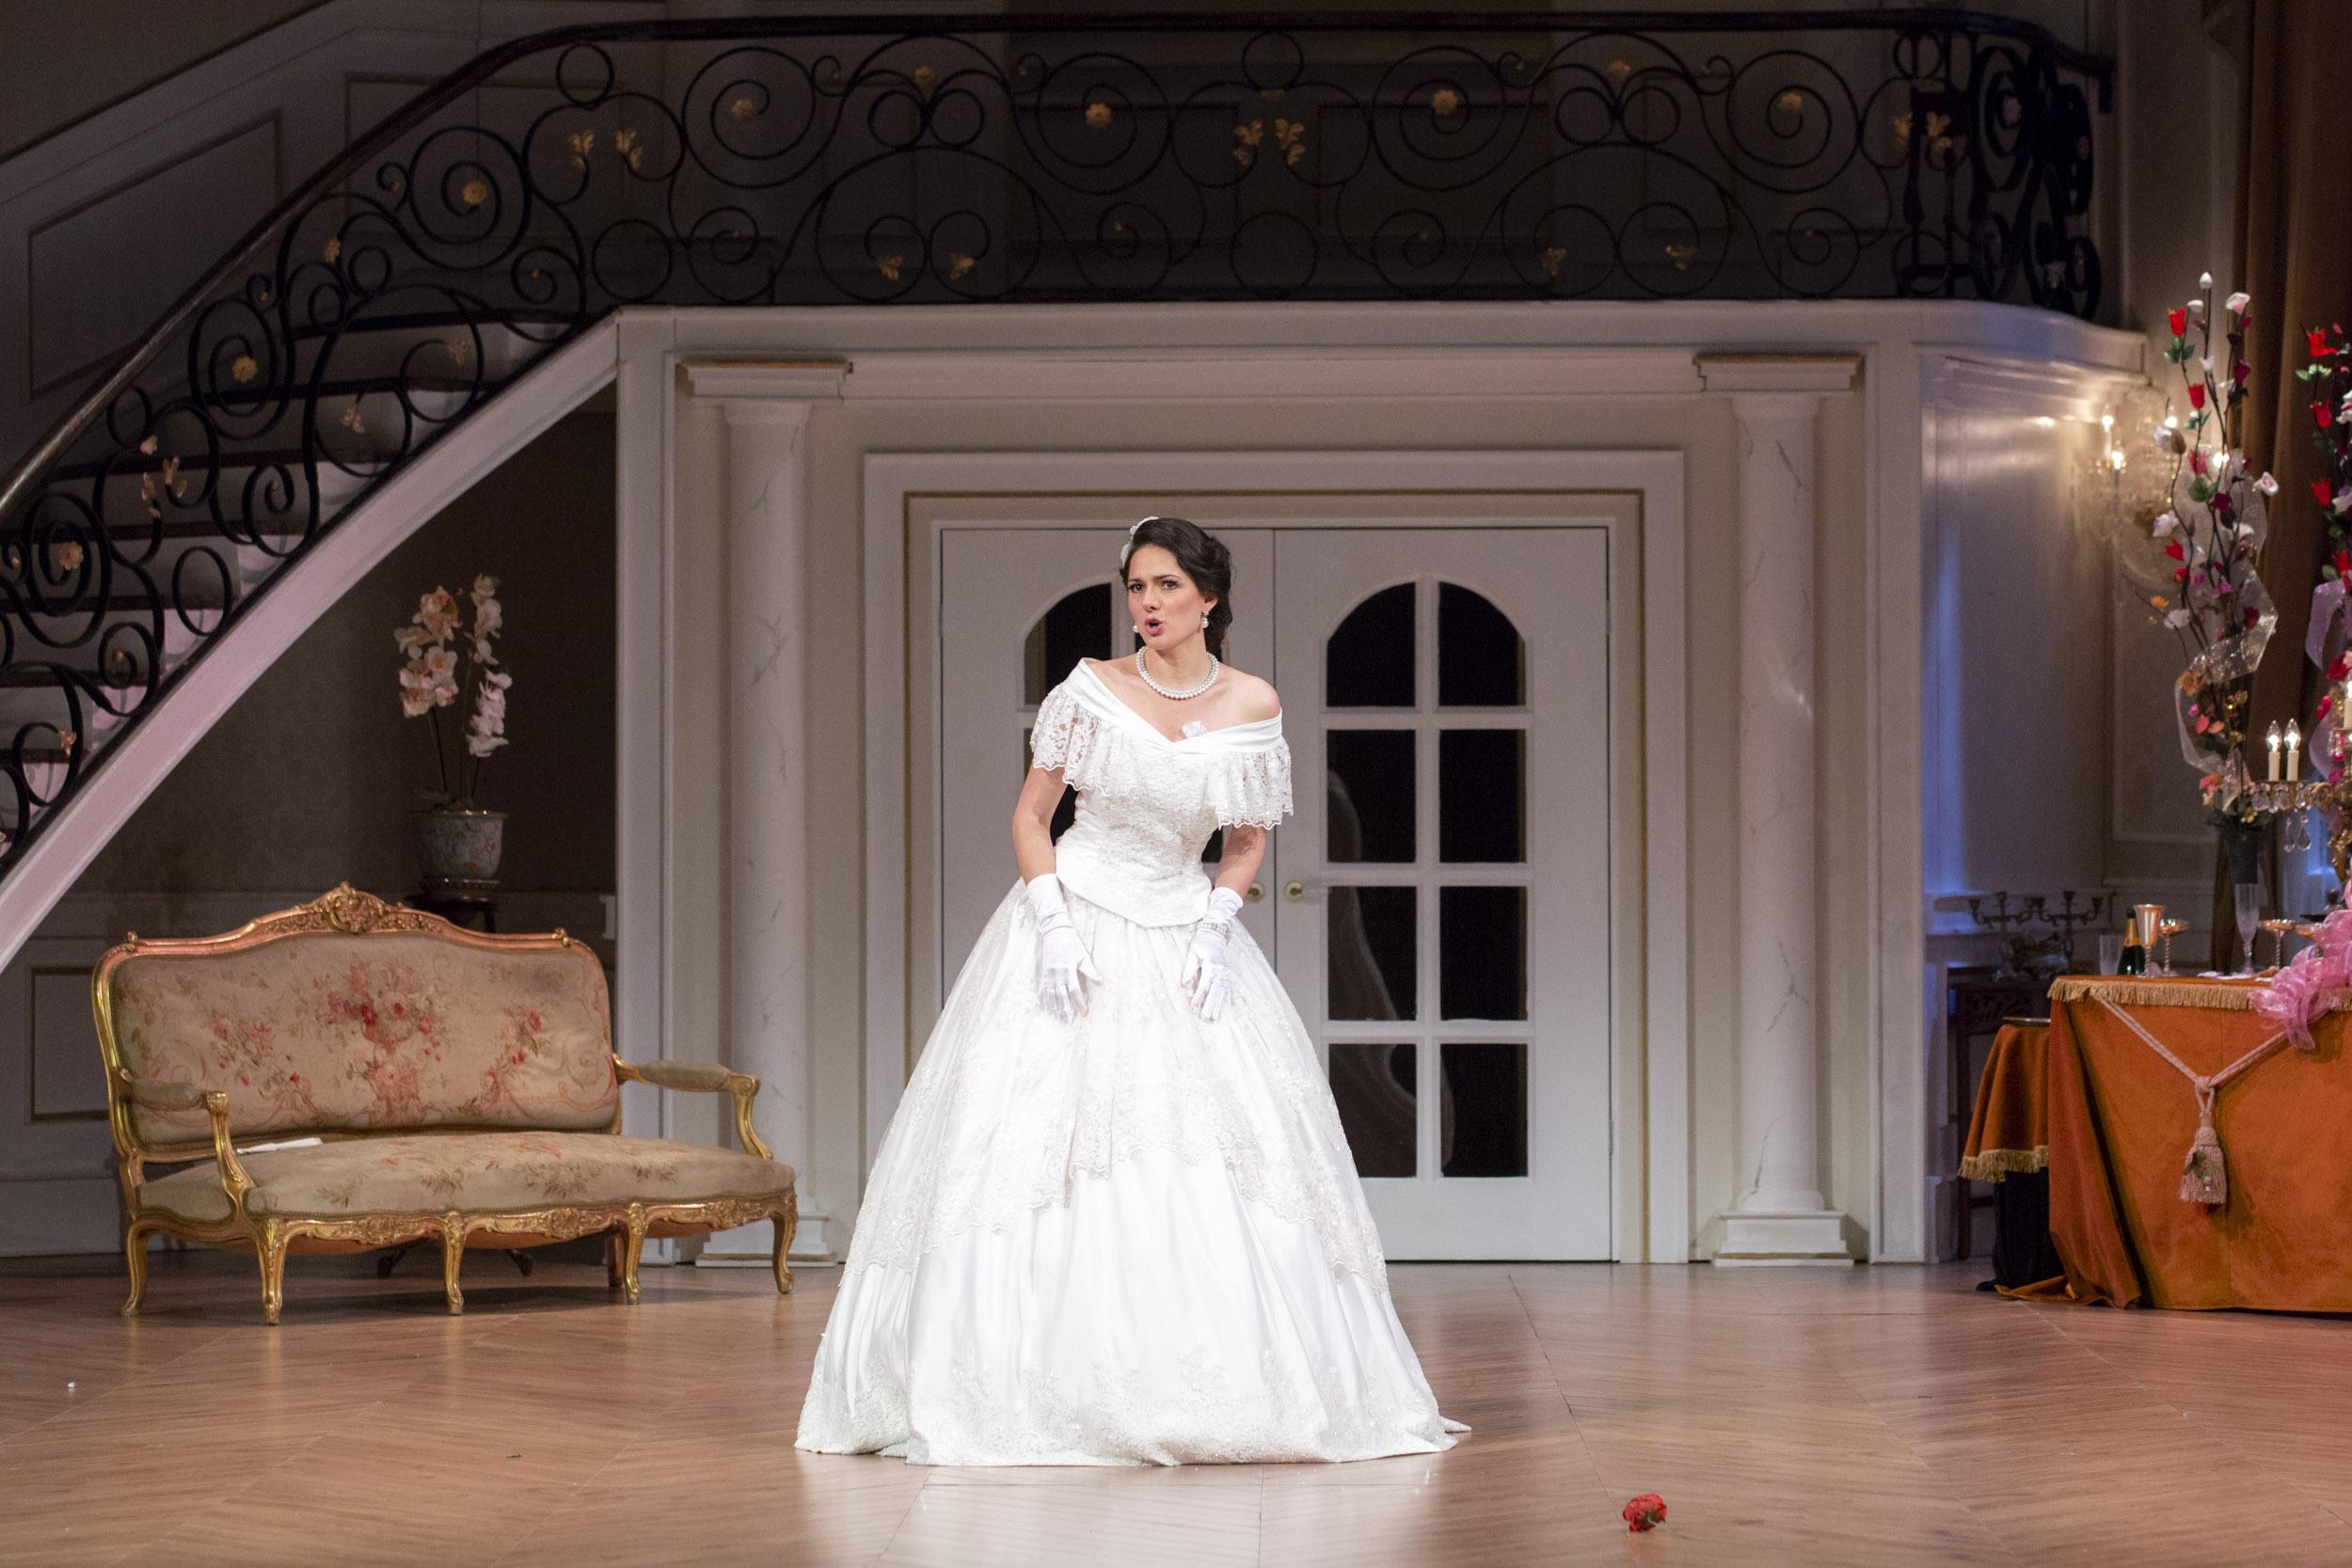 Violetta/La Traviata